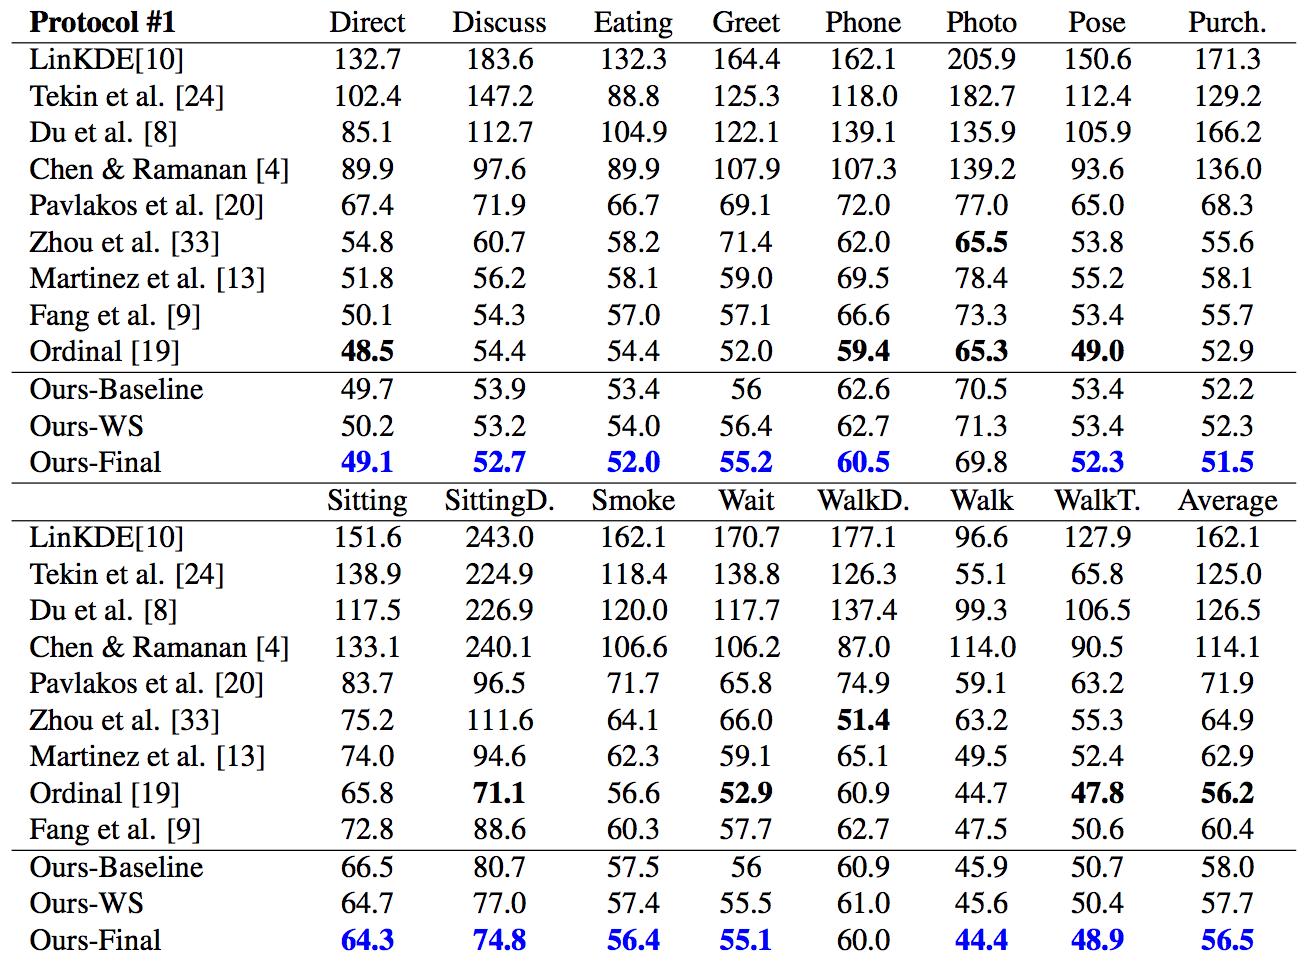 Таблица 1. Качественное сравнение на основе MPJPE. Ordinal [19] – работа, схожая с предлагаемым методом. Наилучший результат без учёта этой работы помечен синим. Чёрным выделены наилучшие результаты с учётом это й работы.